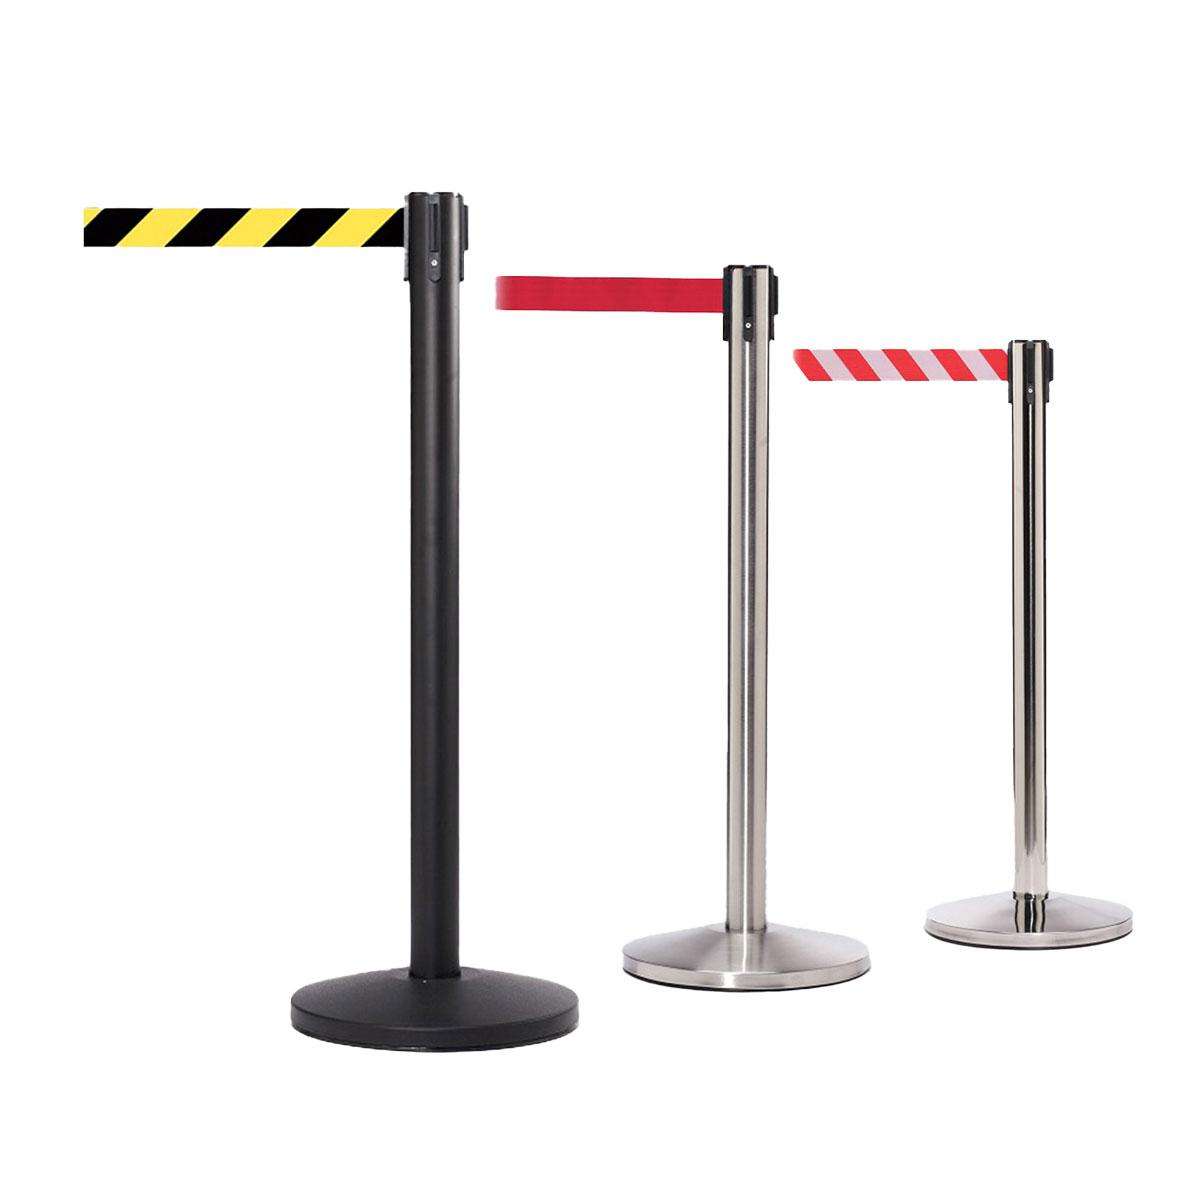 QueueMaster Retractable Belt Barriers